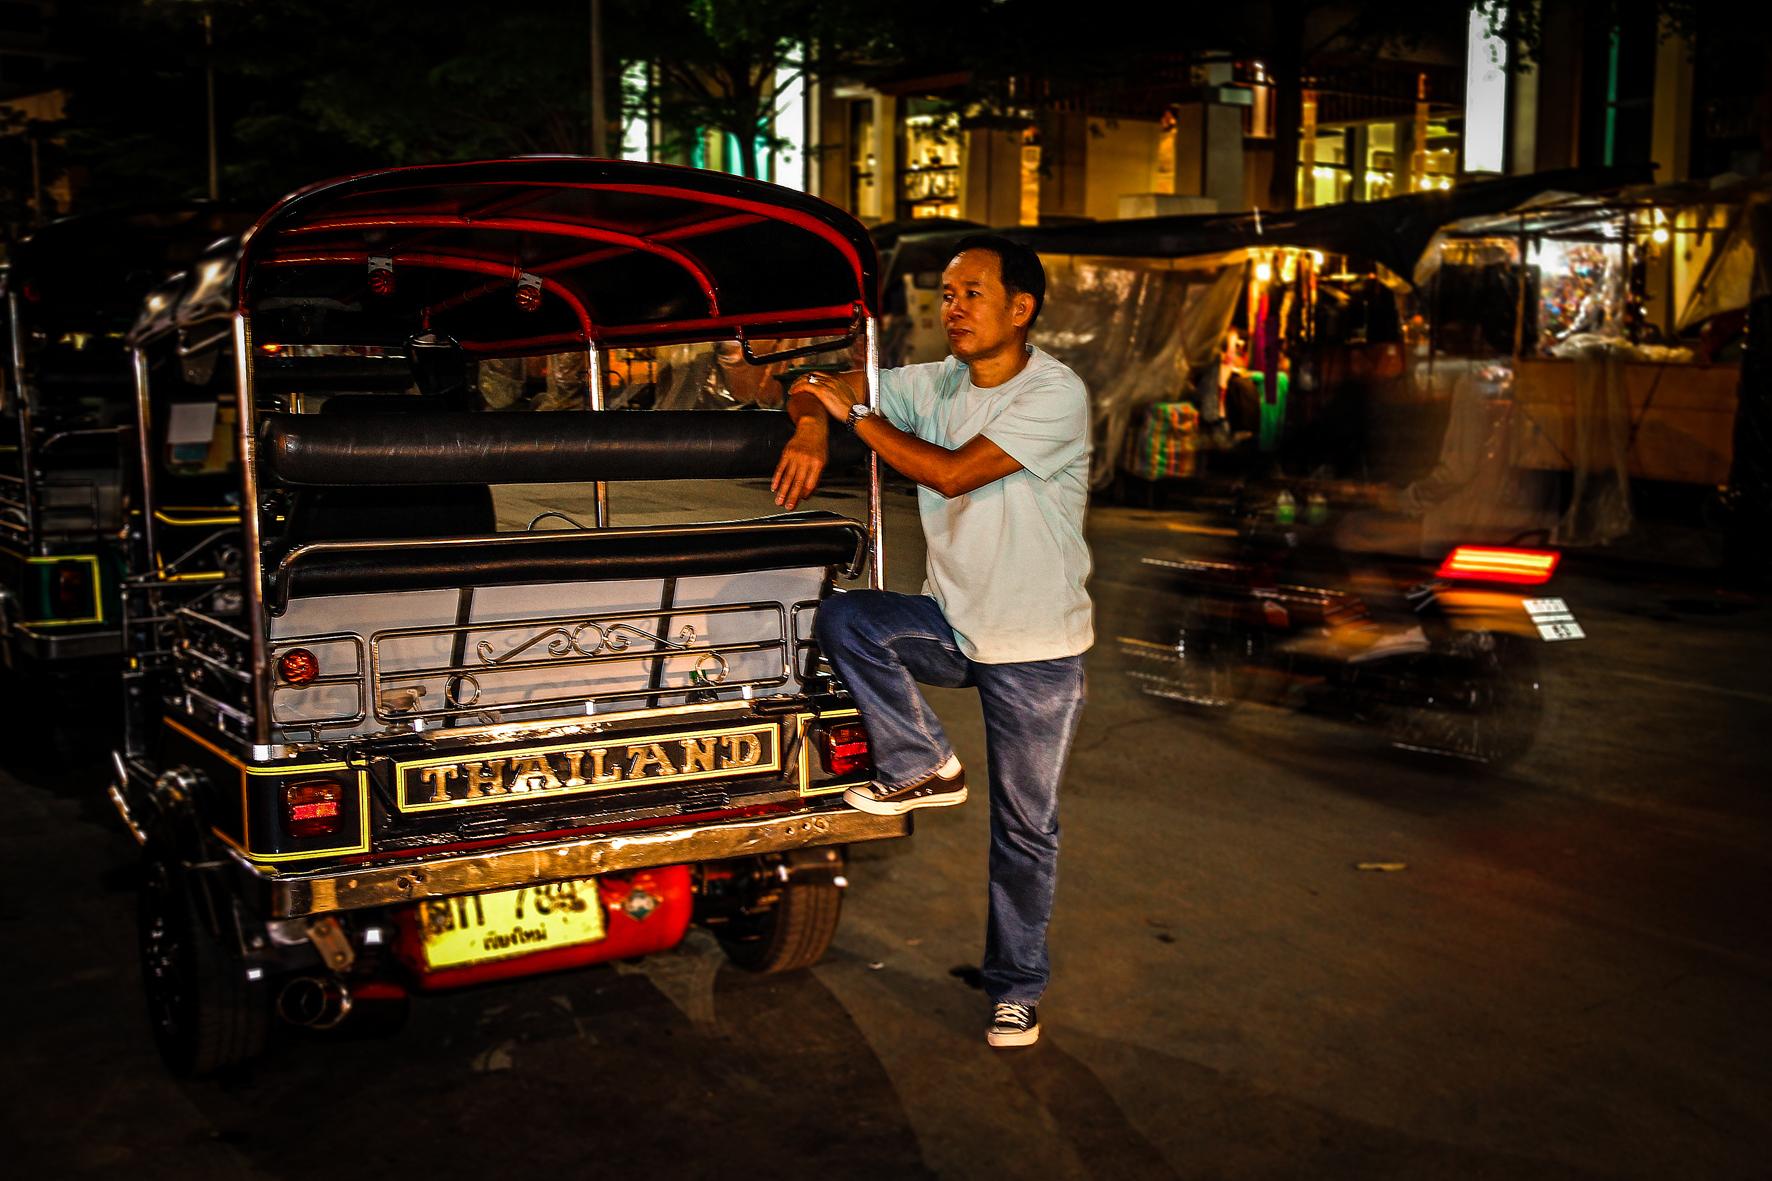 Reizen met Kinderen Thailand Chiang Mai - Night Market Tuktuk.jpg